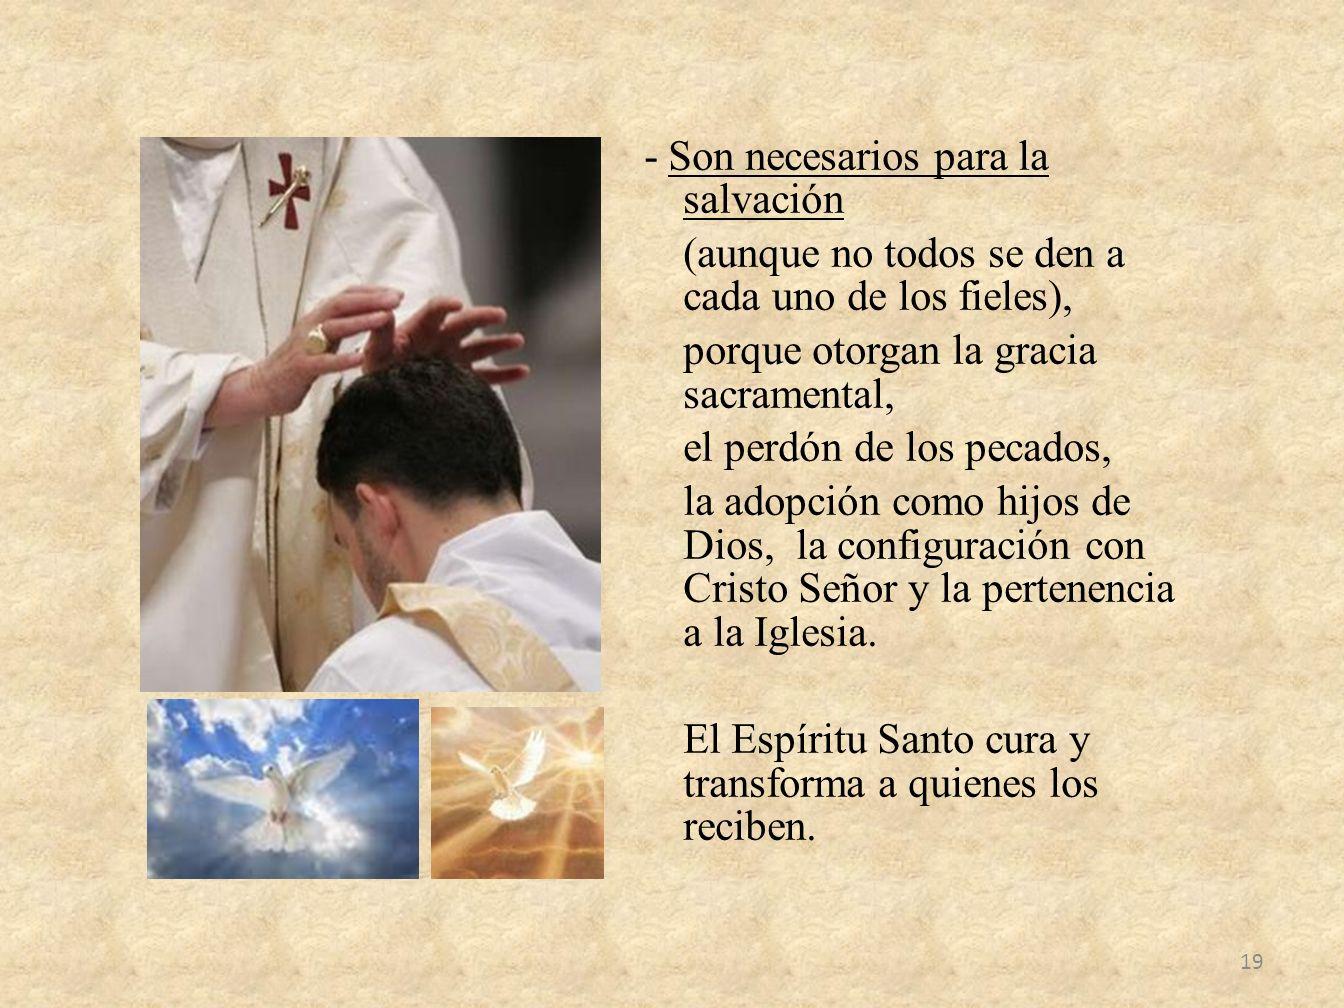 - Son necesarios para la salvación (aunque no todos se den a cada uno de los fieles), porque otorgan la gracia sacramental, el perdón de los pecados,